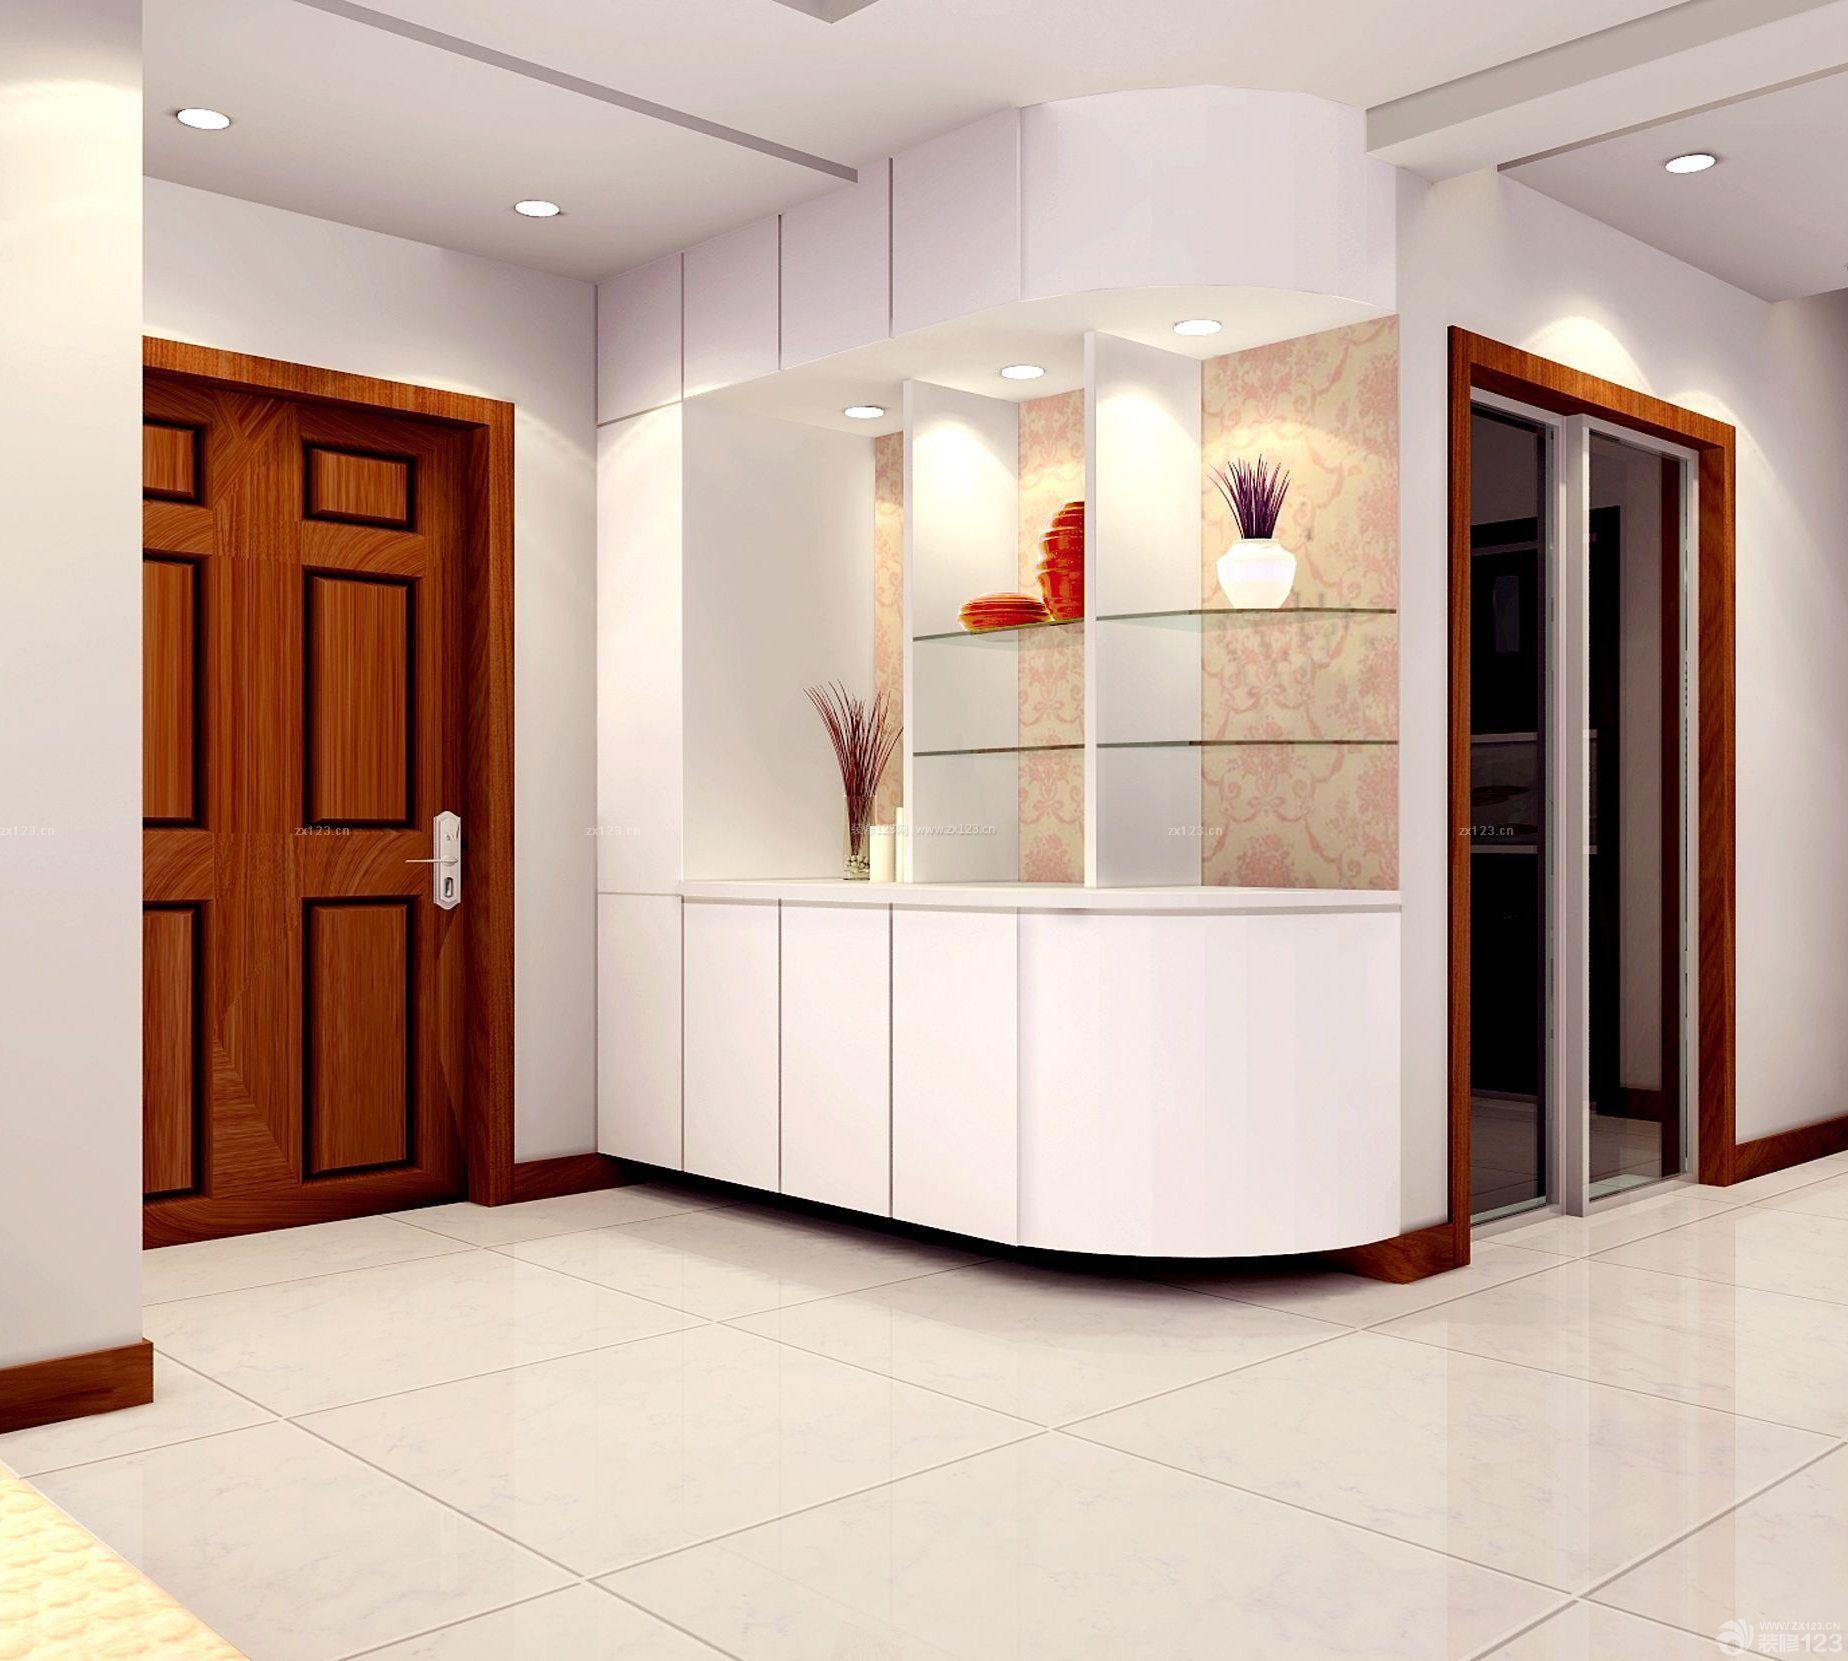 现代简约式房屋一进门鞋柜装修效果图片